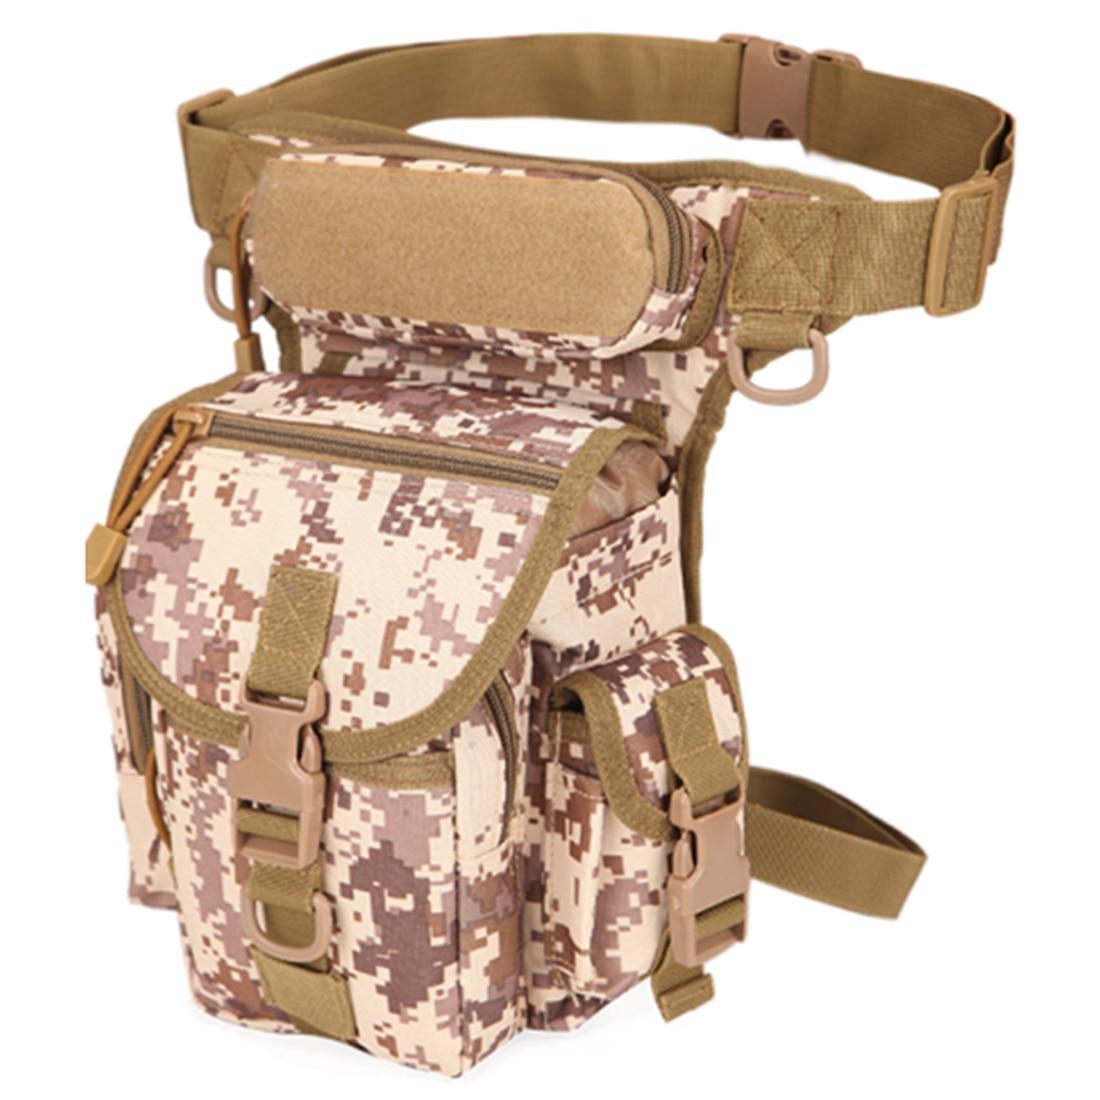 ARESLAND 2017 Unisex Military Waist Pack Väska Vattentäta Kvinnor - Bälten väskor - Foto 5